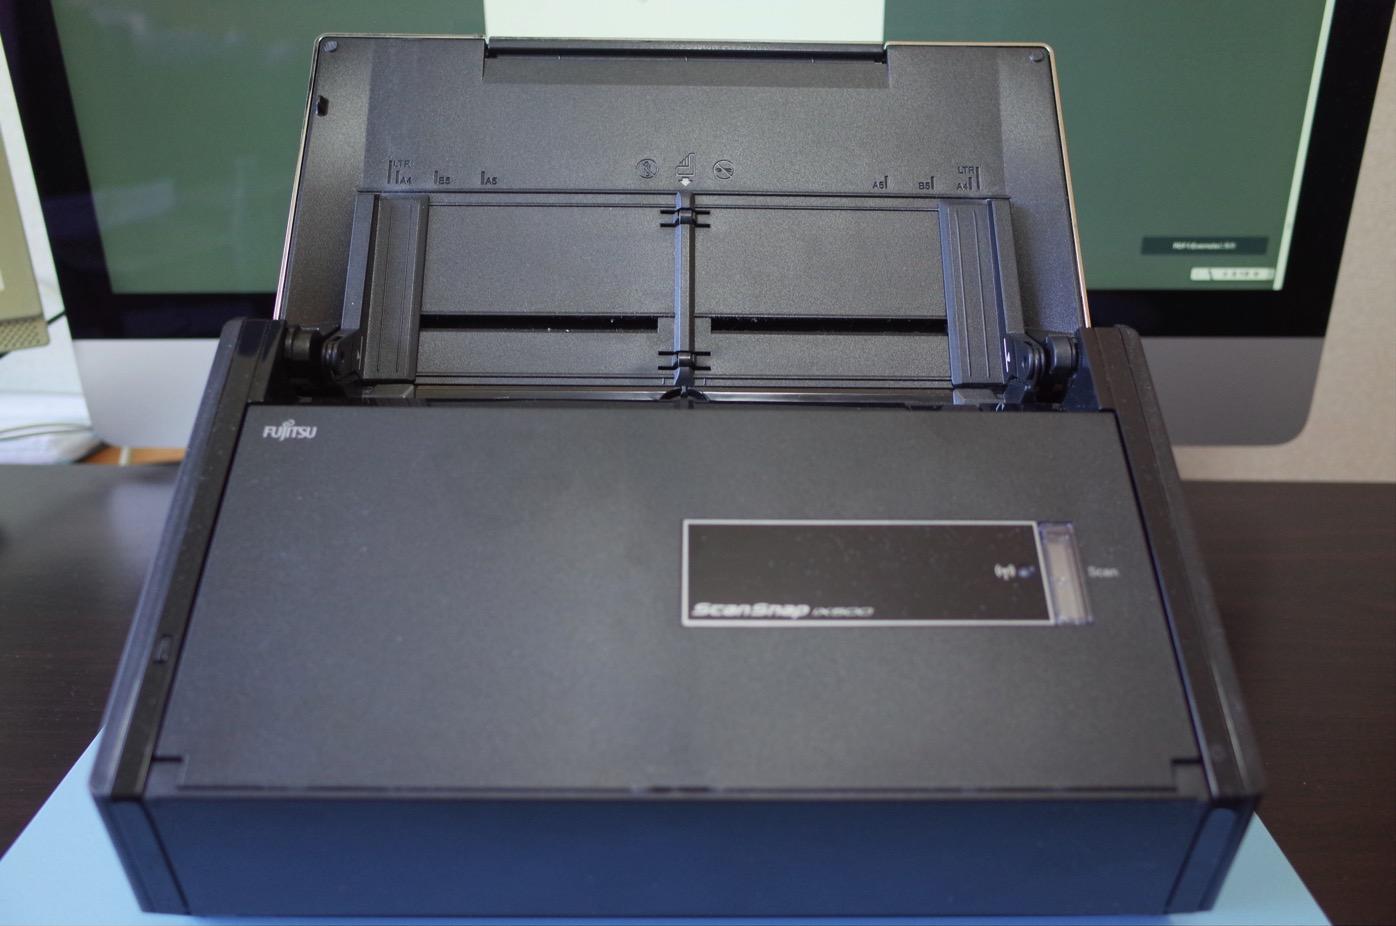 [ScanSnap]綺麗サッパリ!ScanAidでクリーニングしたScanSnap iX500が見違えるようになったよ